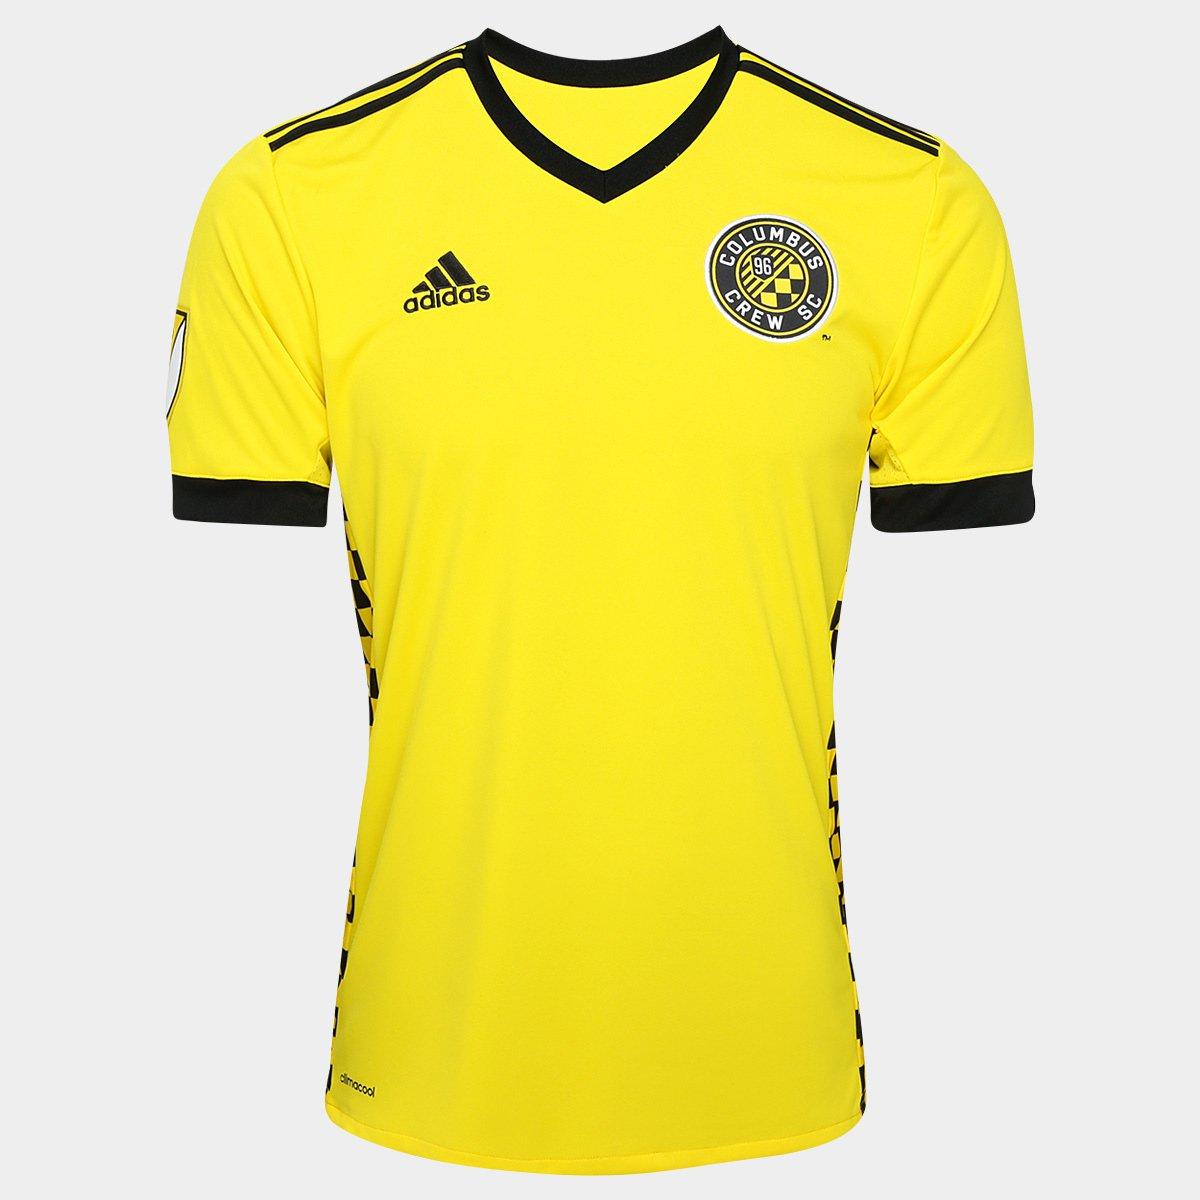 c57fd5e4afc4e Camisa Columbus Crew MLS Home 17/18 s/nº Torcedor Adidas Masculina - Amarelo  e Preto | Allianz Parque Shop